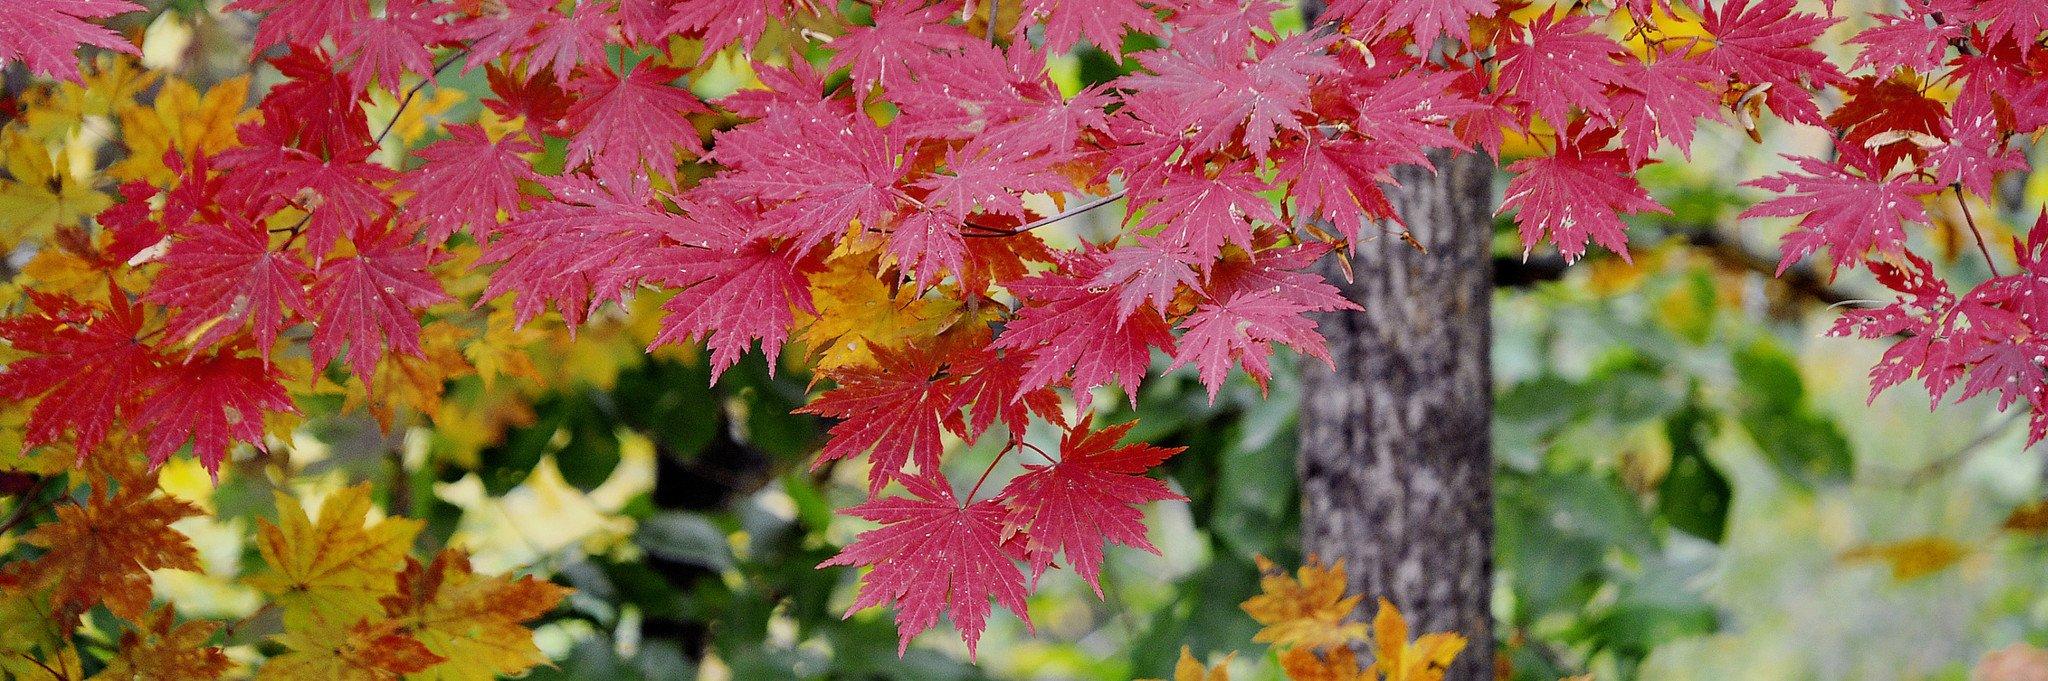 深秋中的一抹红-辽宁奇景